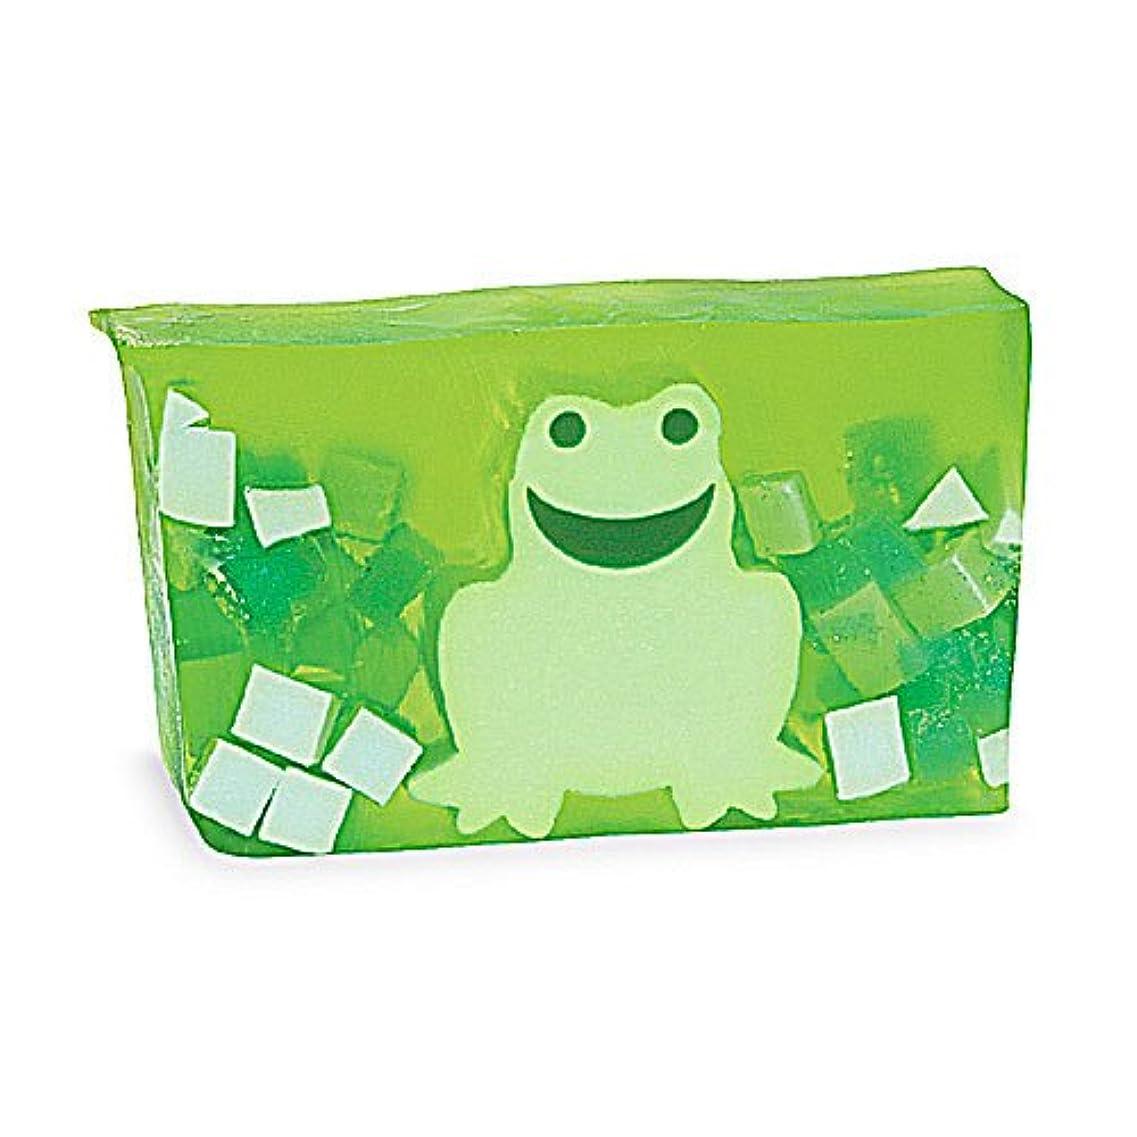 ゴミ箱申請中剪断プライモールエレメンツ アロマティック ソープ/フロッグ 180g 植物性 ナチュラル 石鹸 無添加